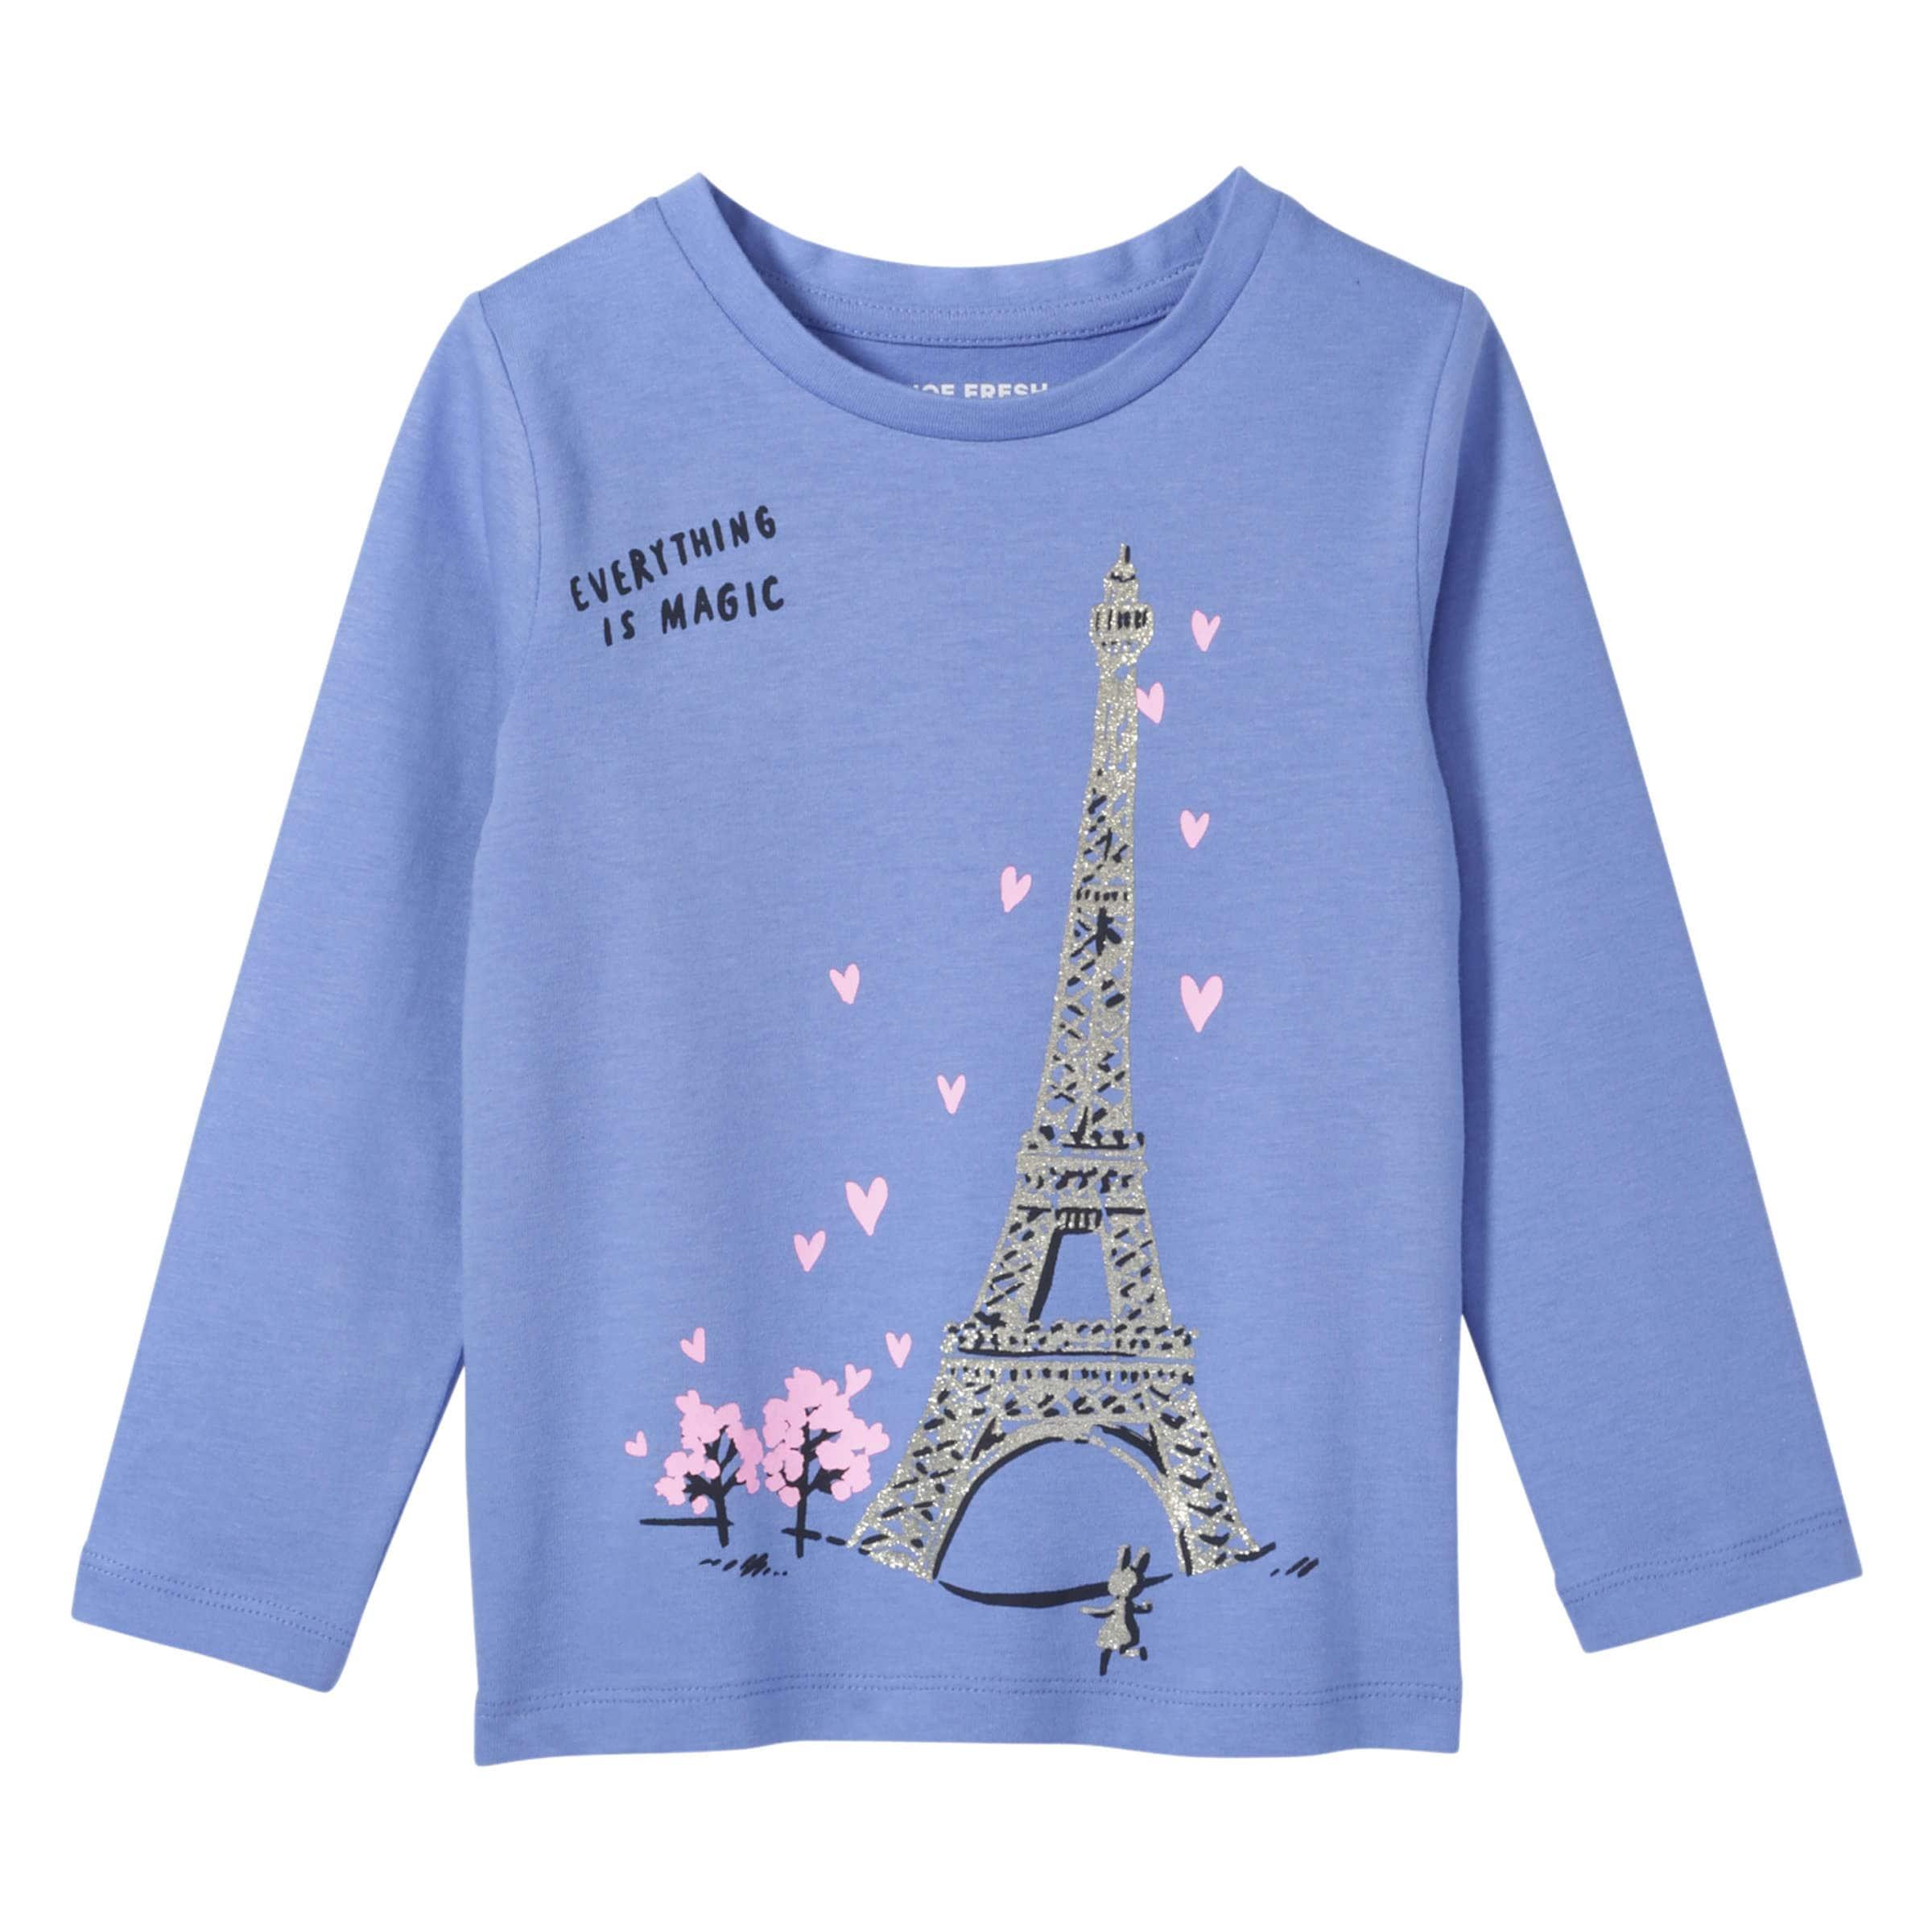 a3bb861a3d Toddler Girls  Print Long Sleeve Tee in Ultramarine from Joe Fresh